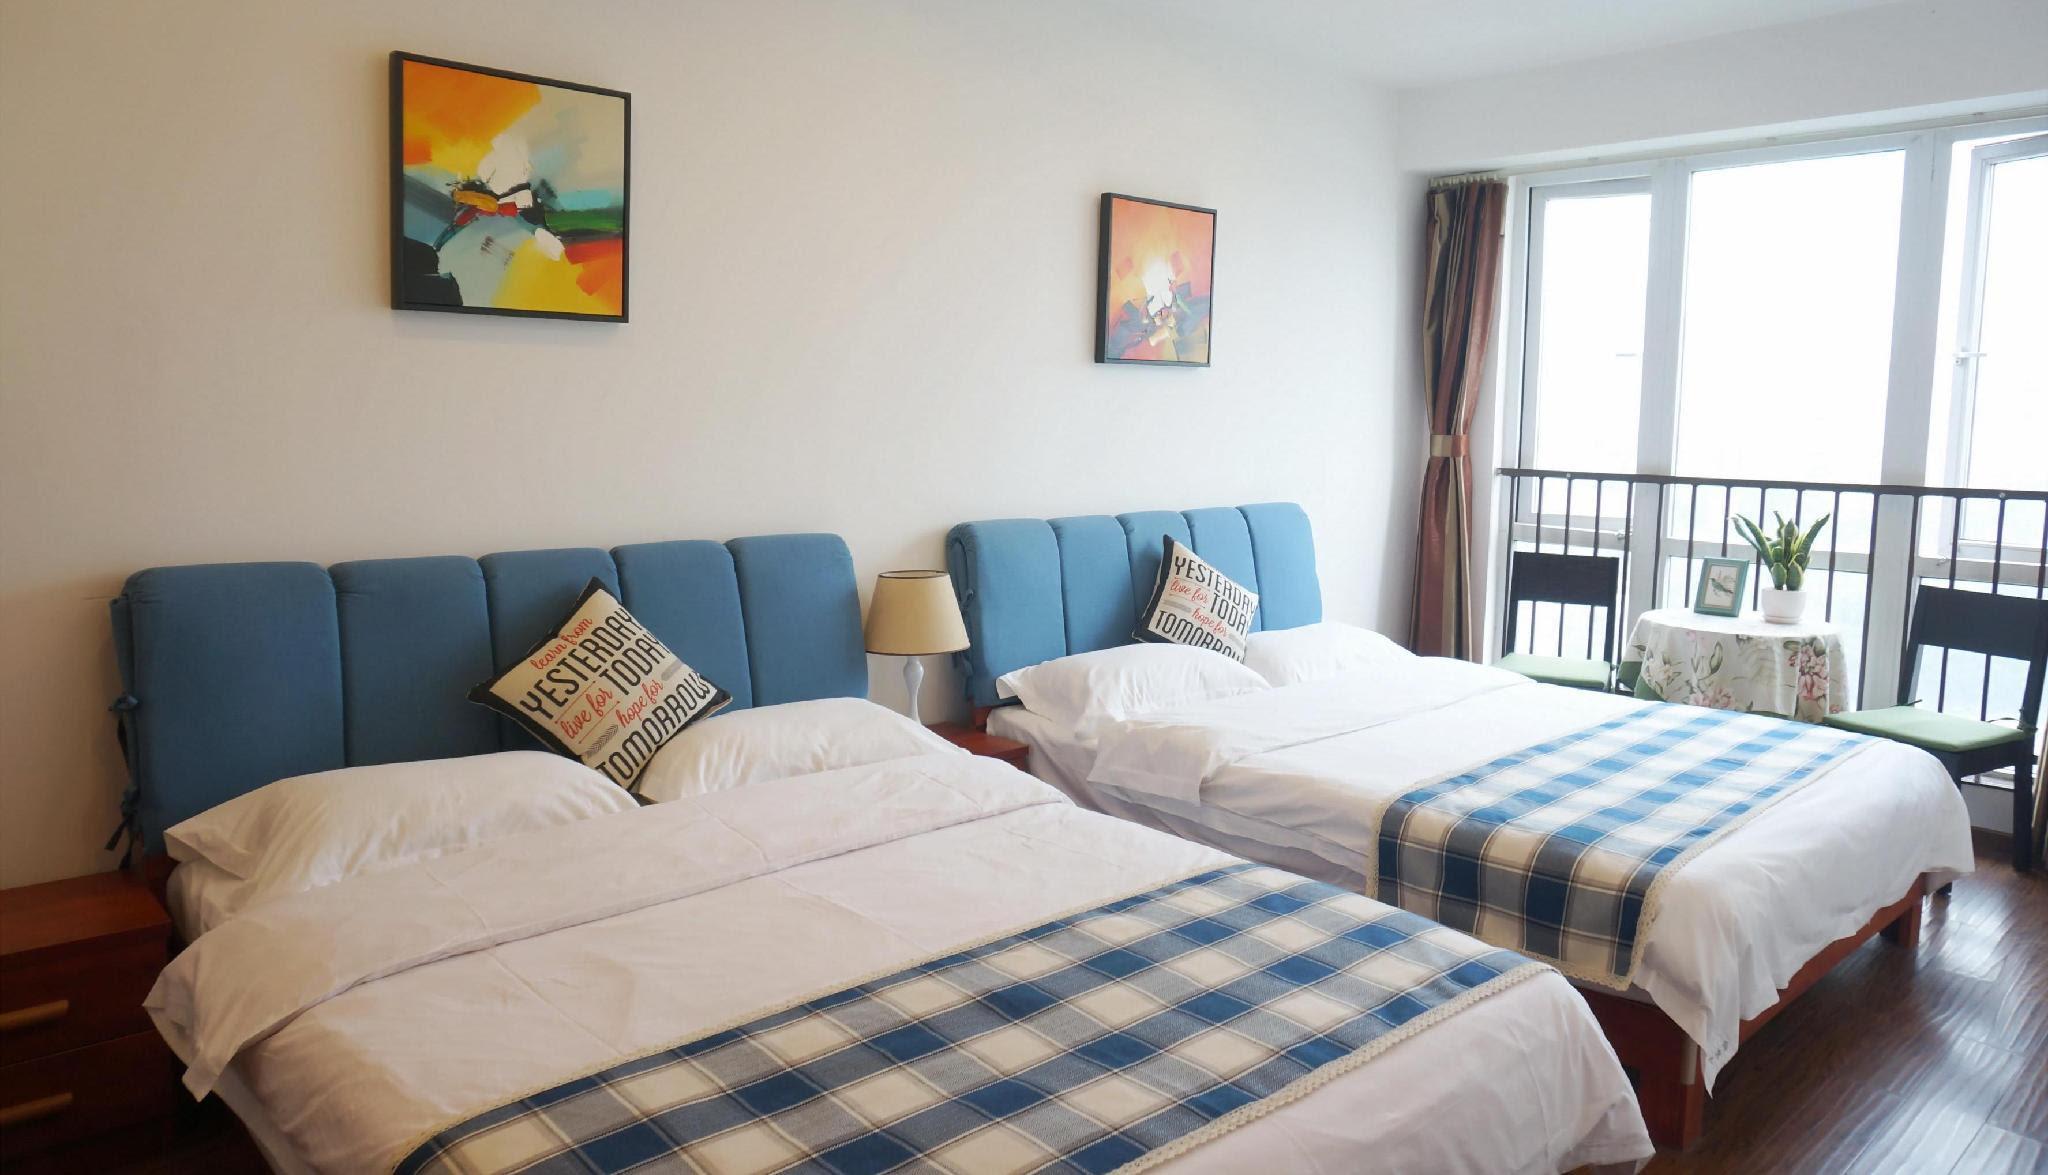 hotel near Chongqing RONGSHUXIA YOUPIN 2 Bed Apt YUE